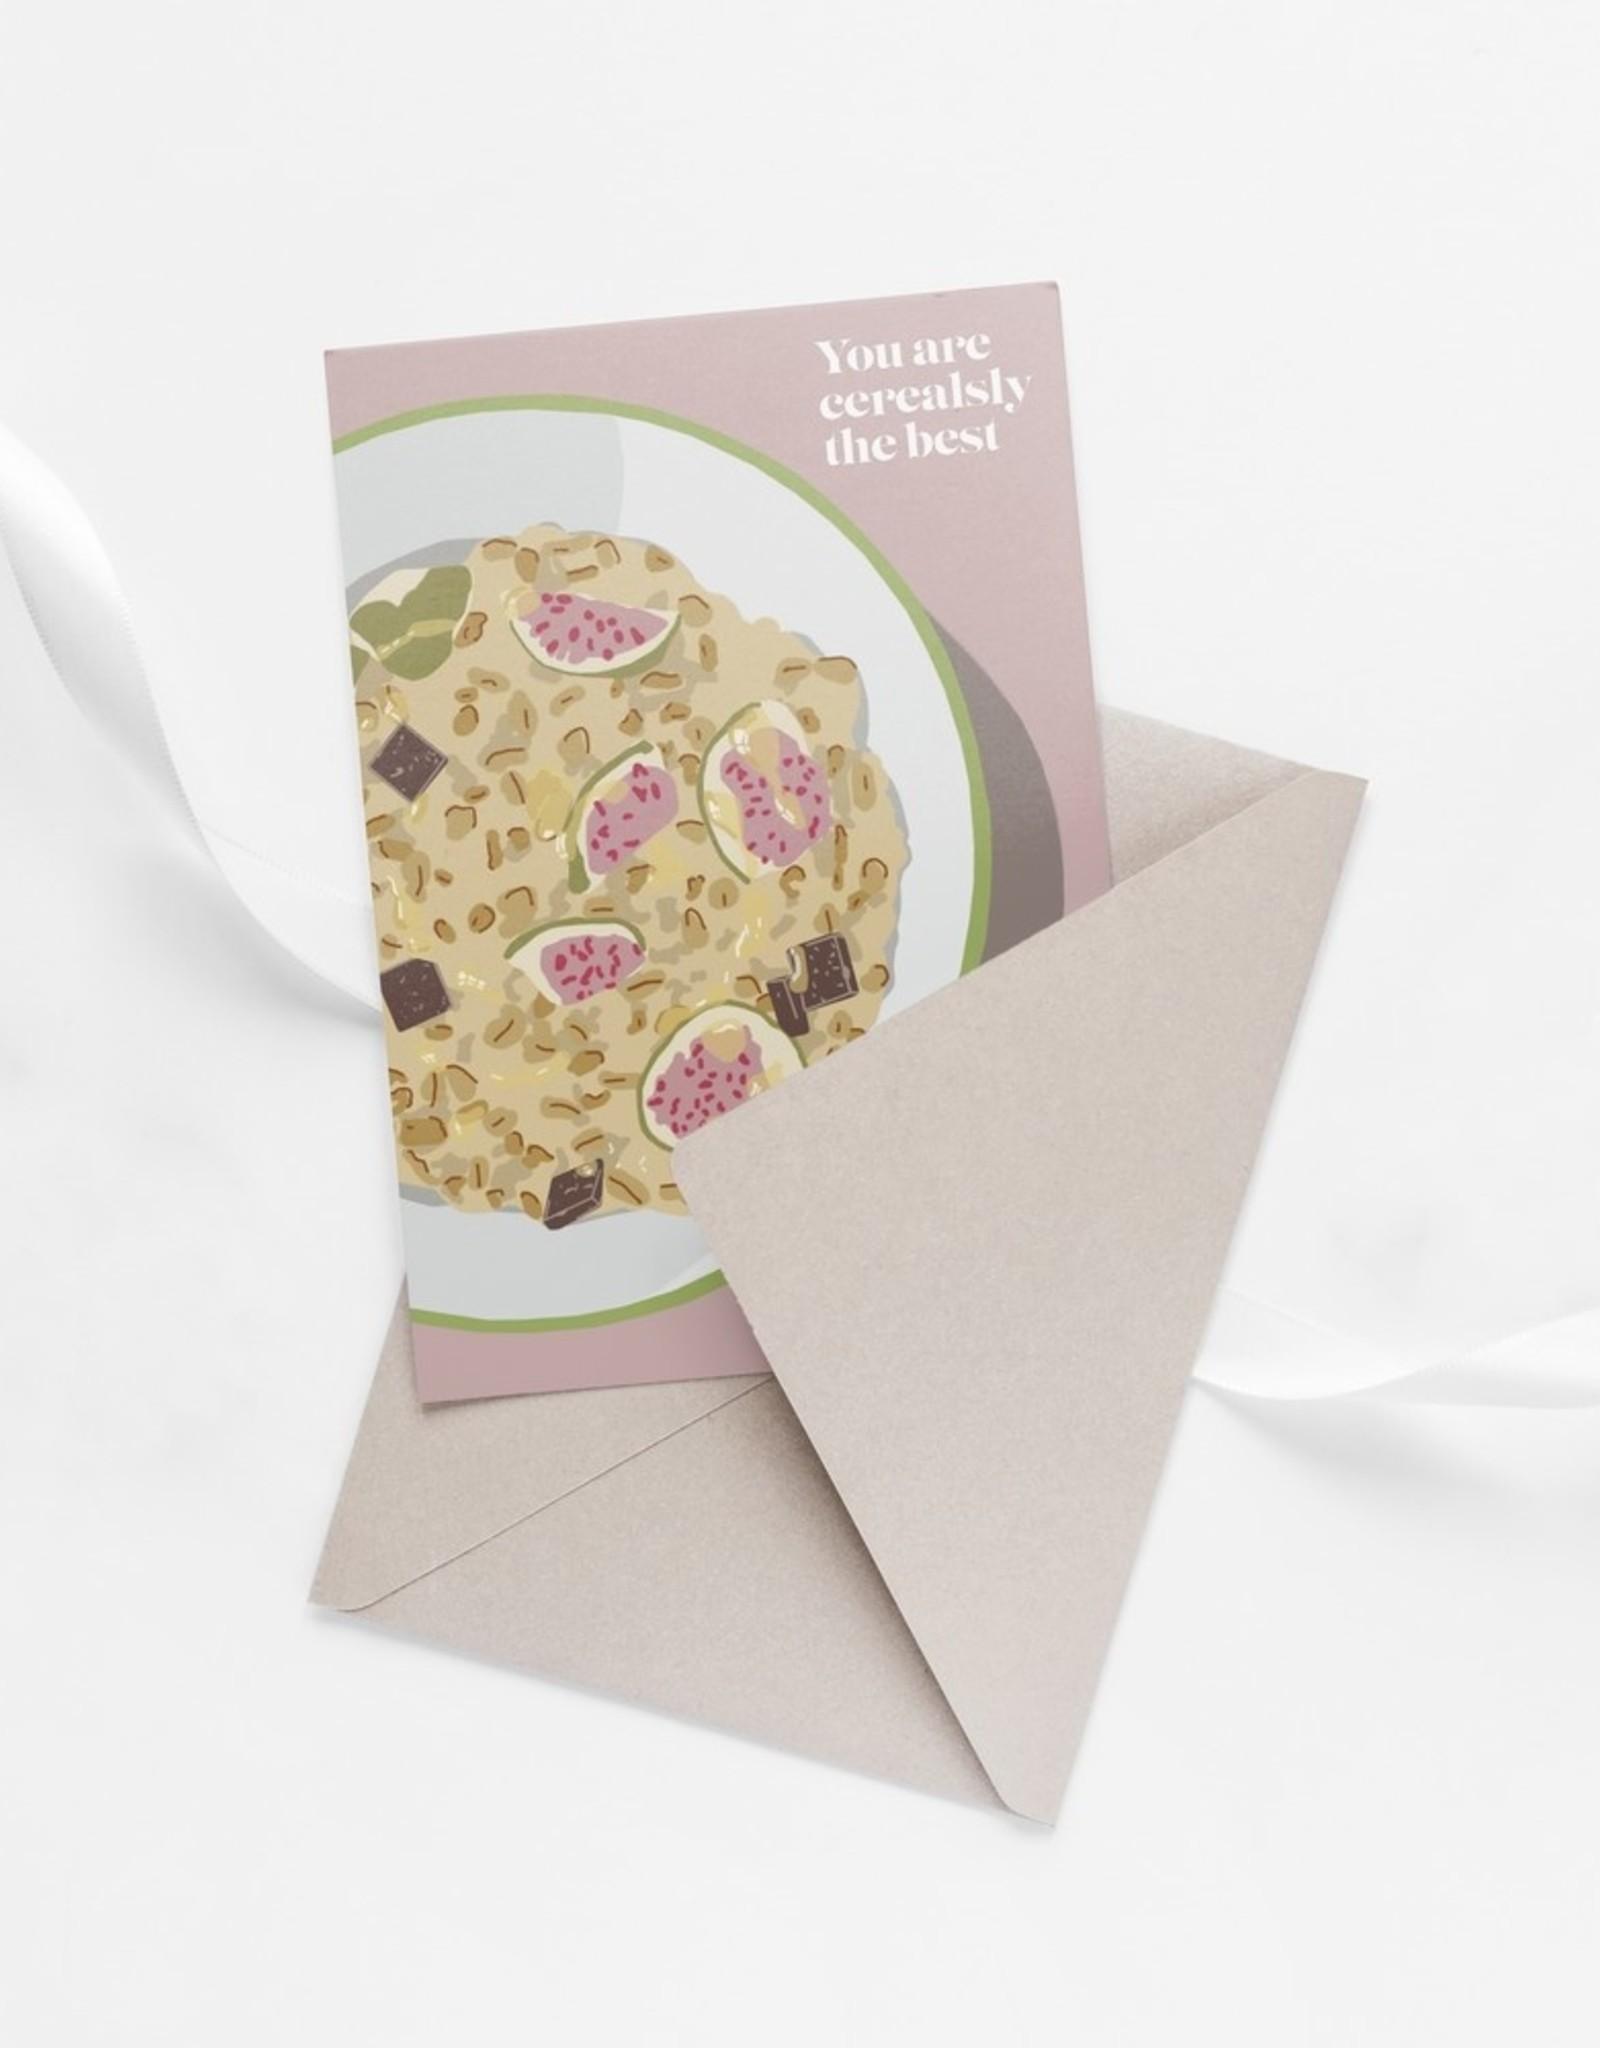 HAVA Creations Kaart met enveloppe Cerealsly